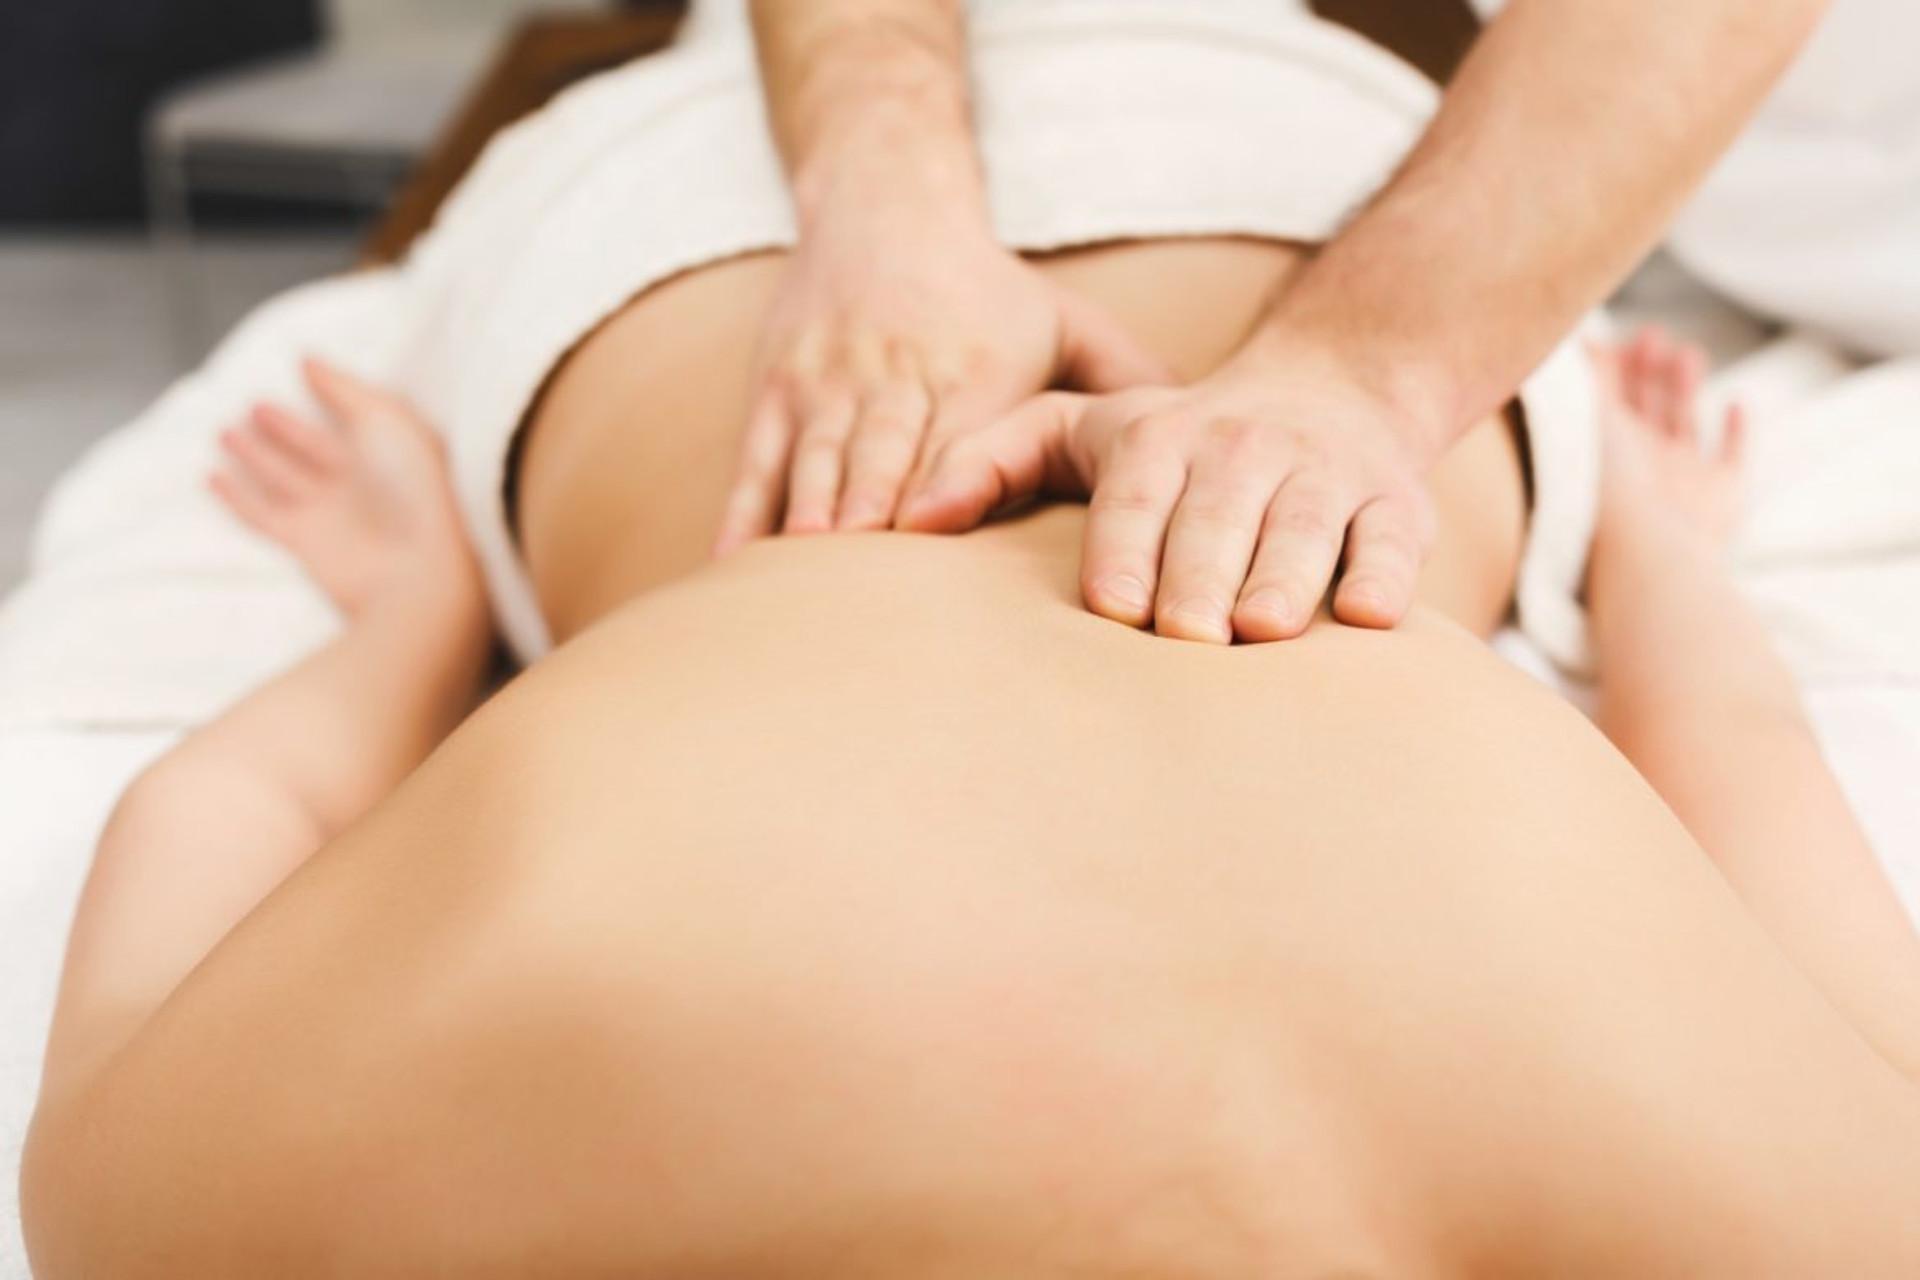 Protos-centro-medico-Fisioterapia-Terapia-Fisica_Terapia-manuale